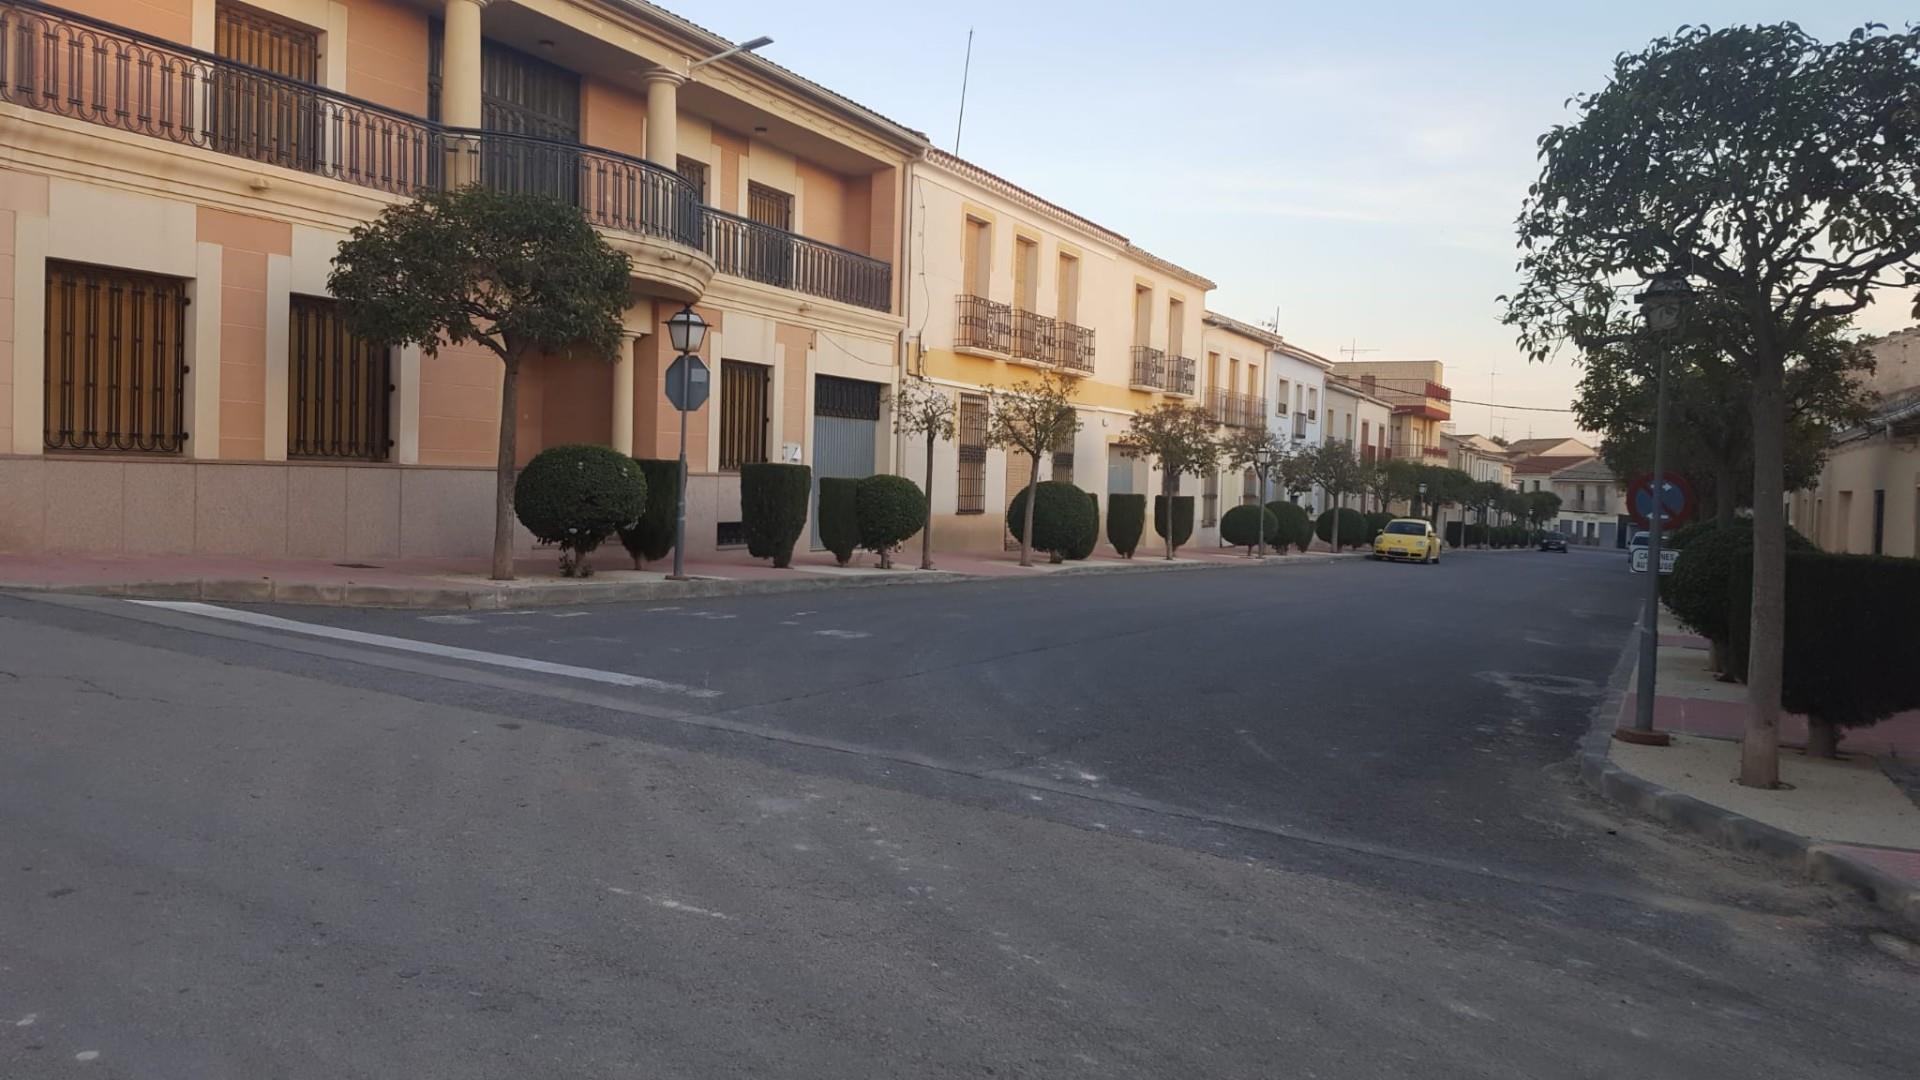 Casa a schiera  Calle ancha. Algueña / calle ancha